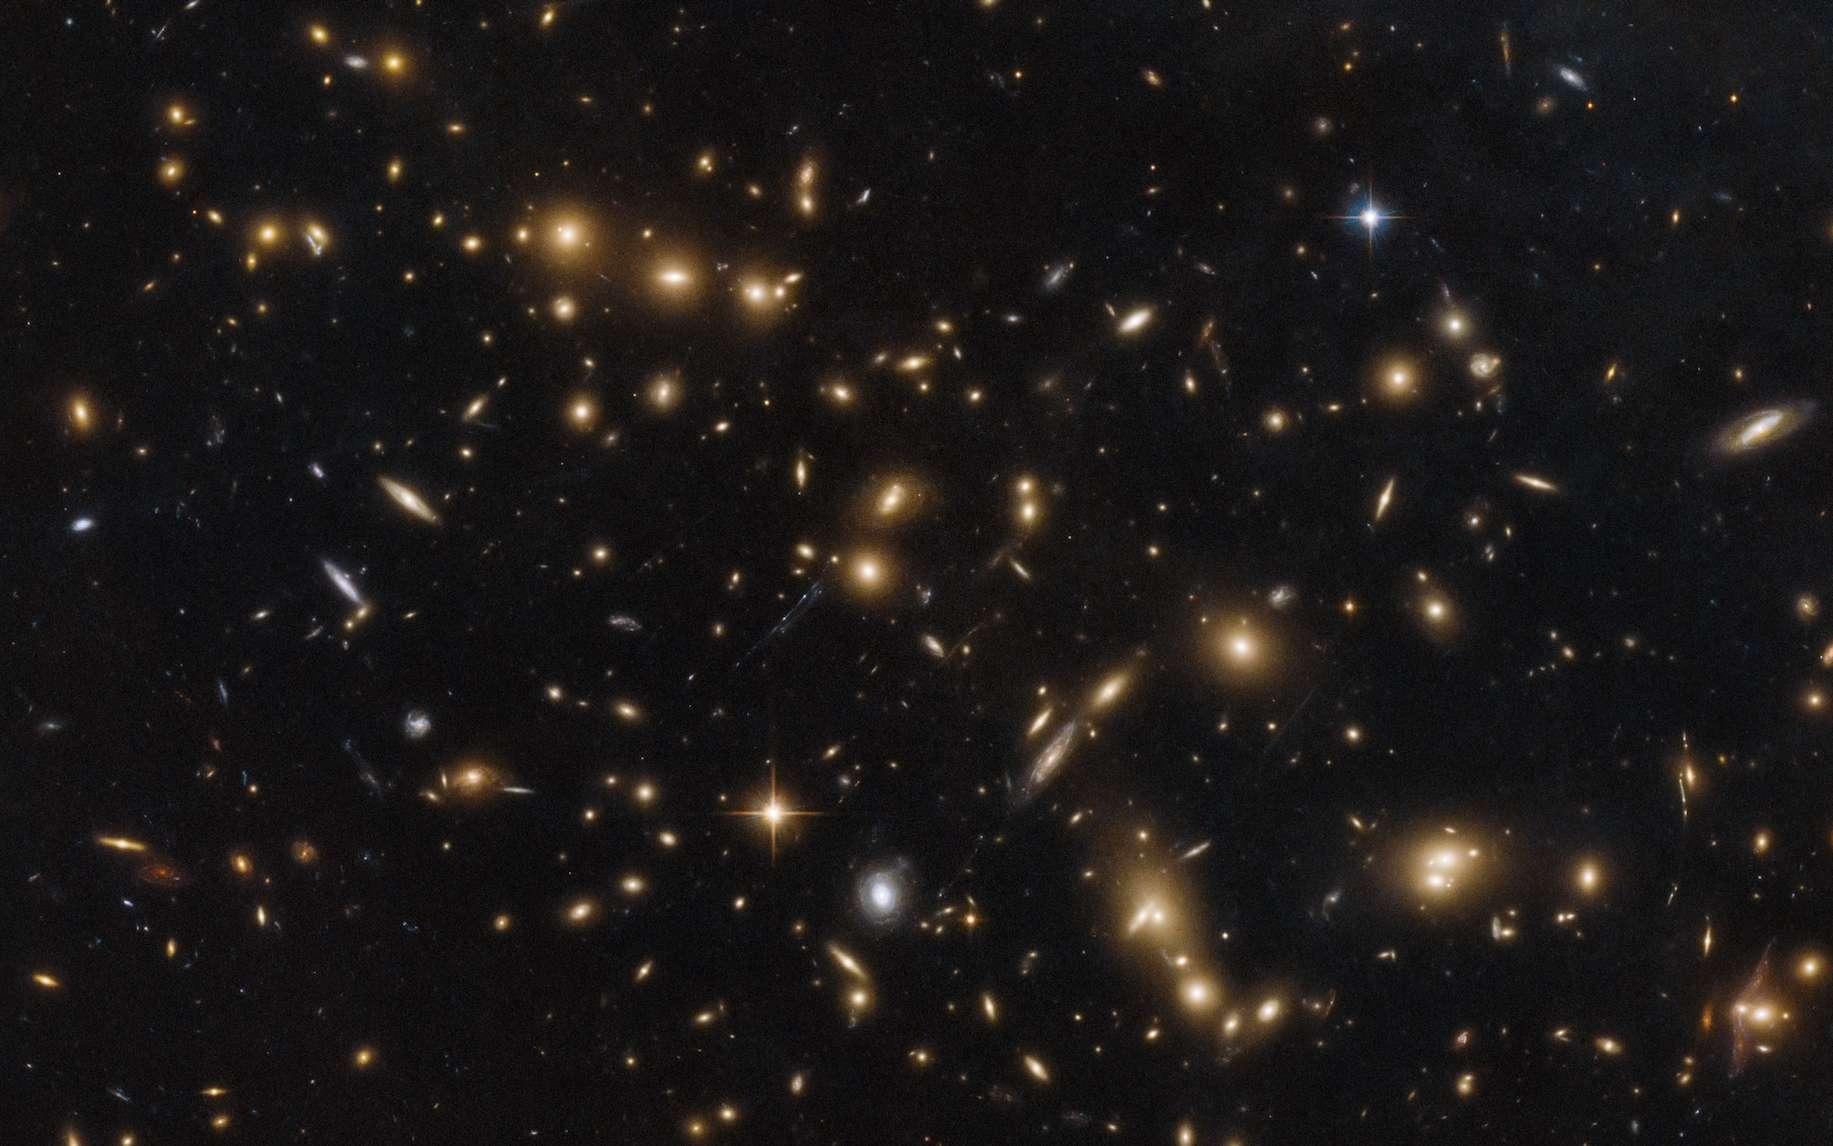 Notre univers ne se limite pas à la Voie lactée ! Quelle est sa taille ? En photo : amas de galaxies aux confins de l'univers photographié par Hubble. © Nasa, ESA, Hubble, Relics